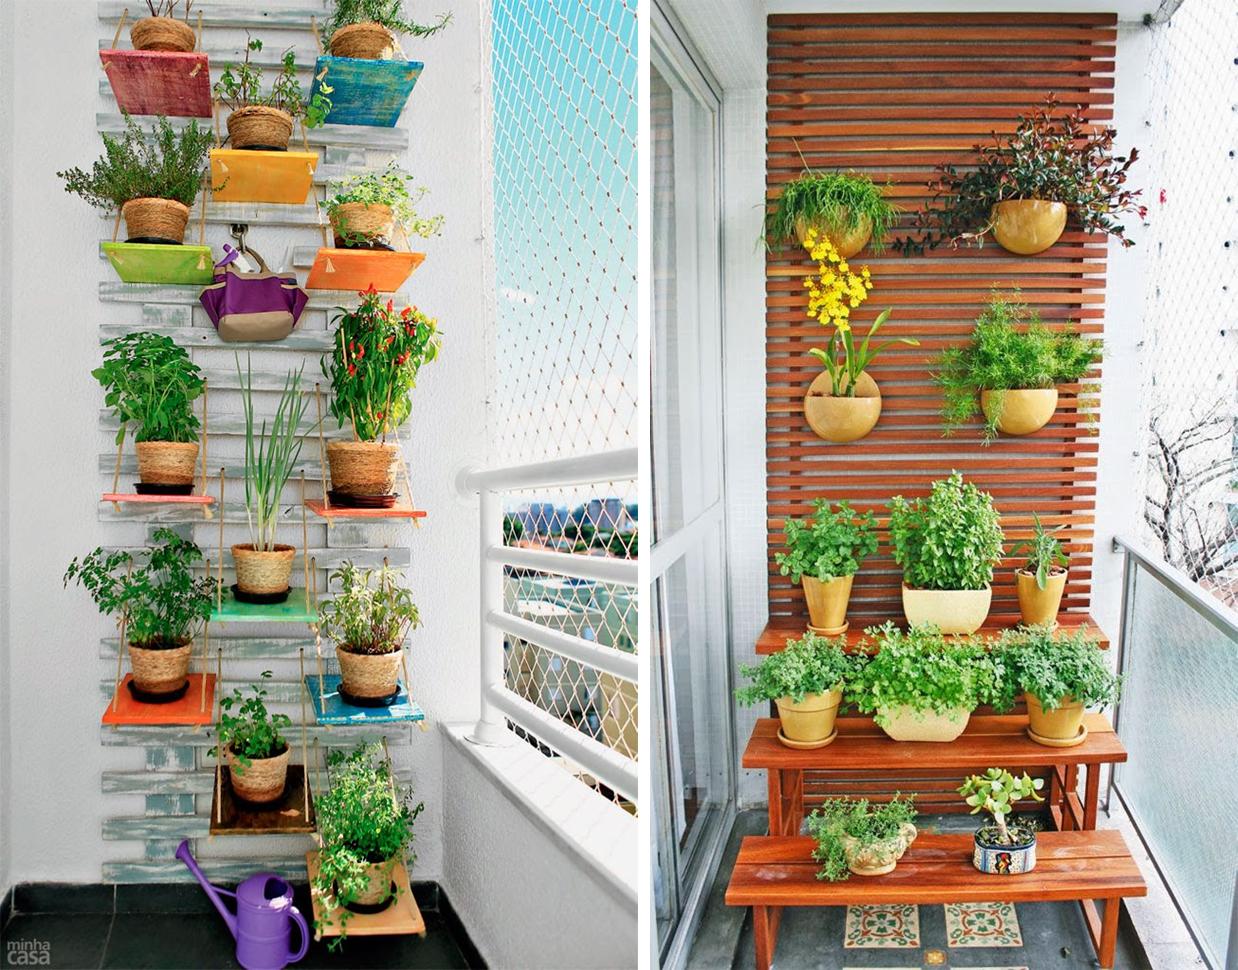 Decoraci n f cil diariodeco10 aprovechando el espacio de los balcones - Decoracion de balcones con plantas ...